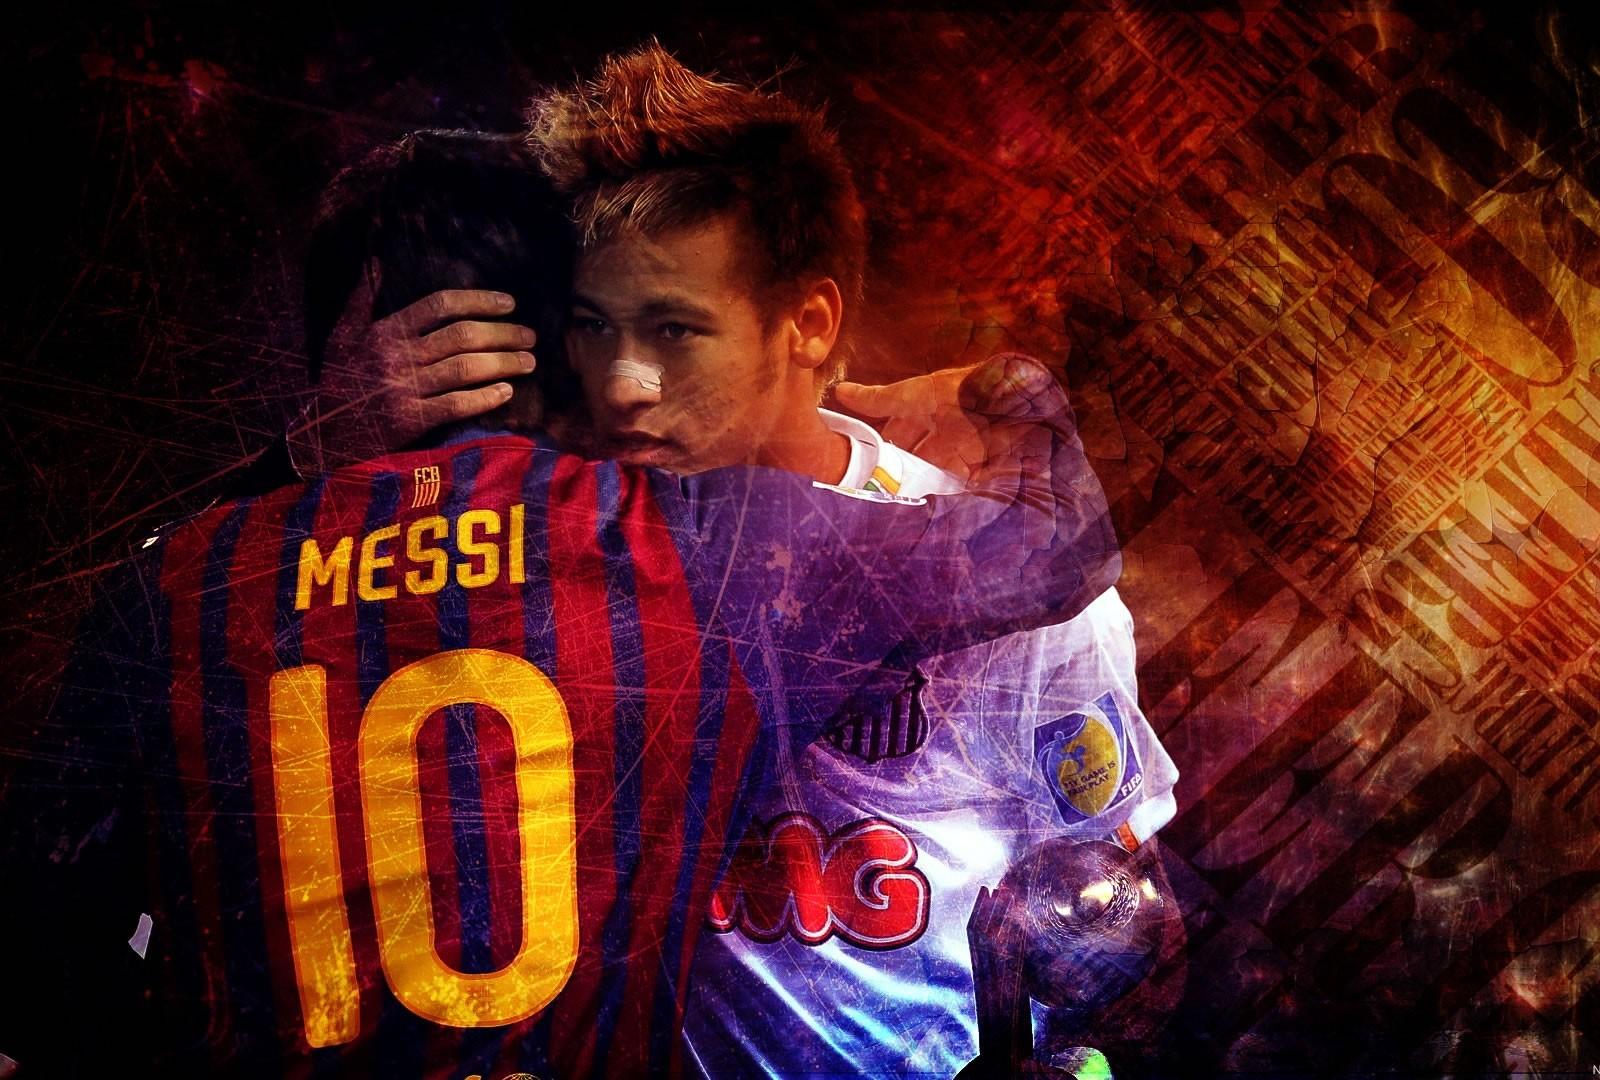 Messi Wallpaper 2014 3d Neymar Hugging Messi Wallpaper Neymar Wallpapers